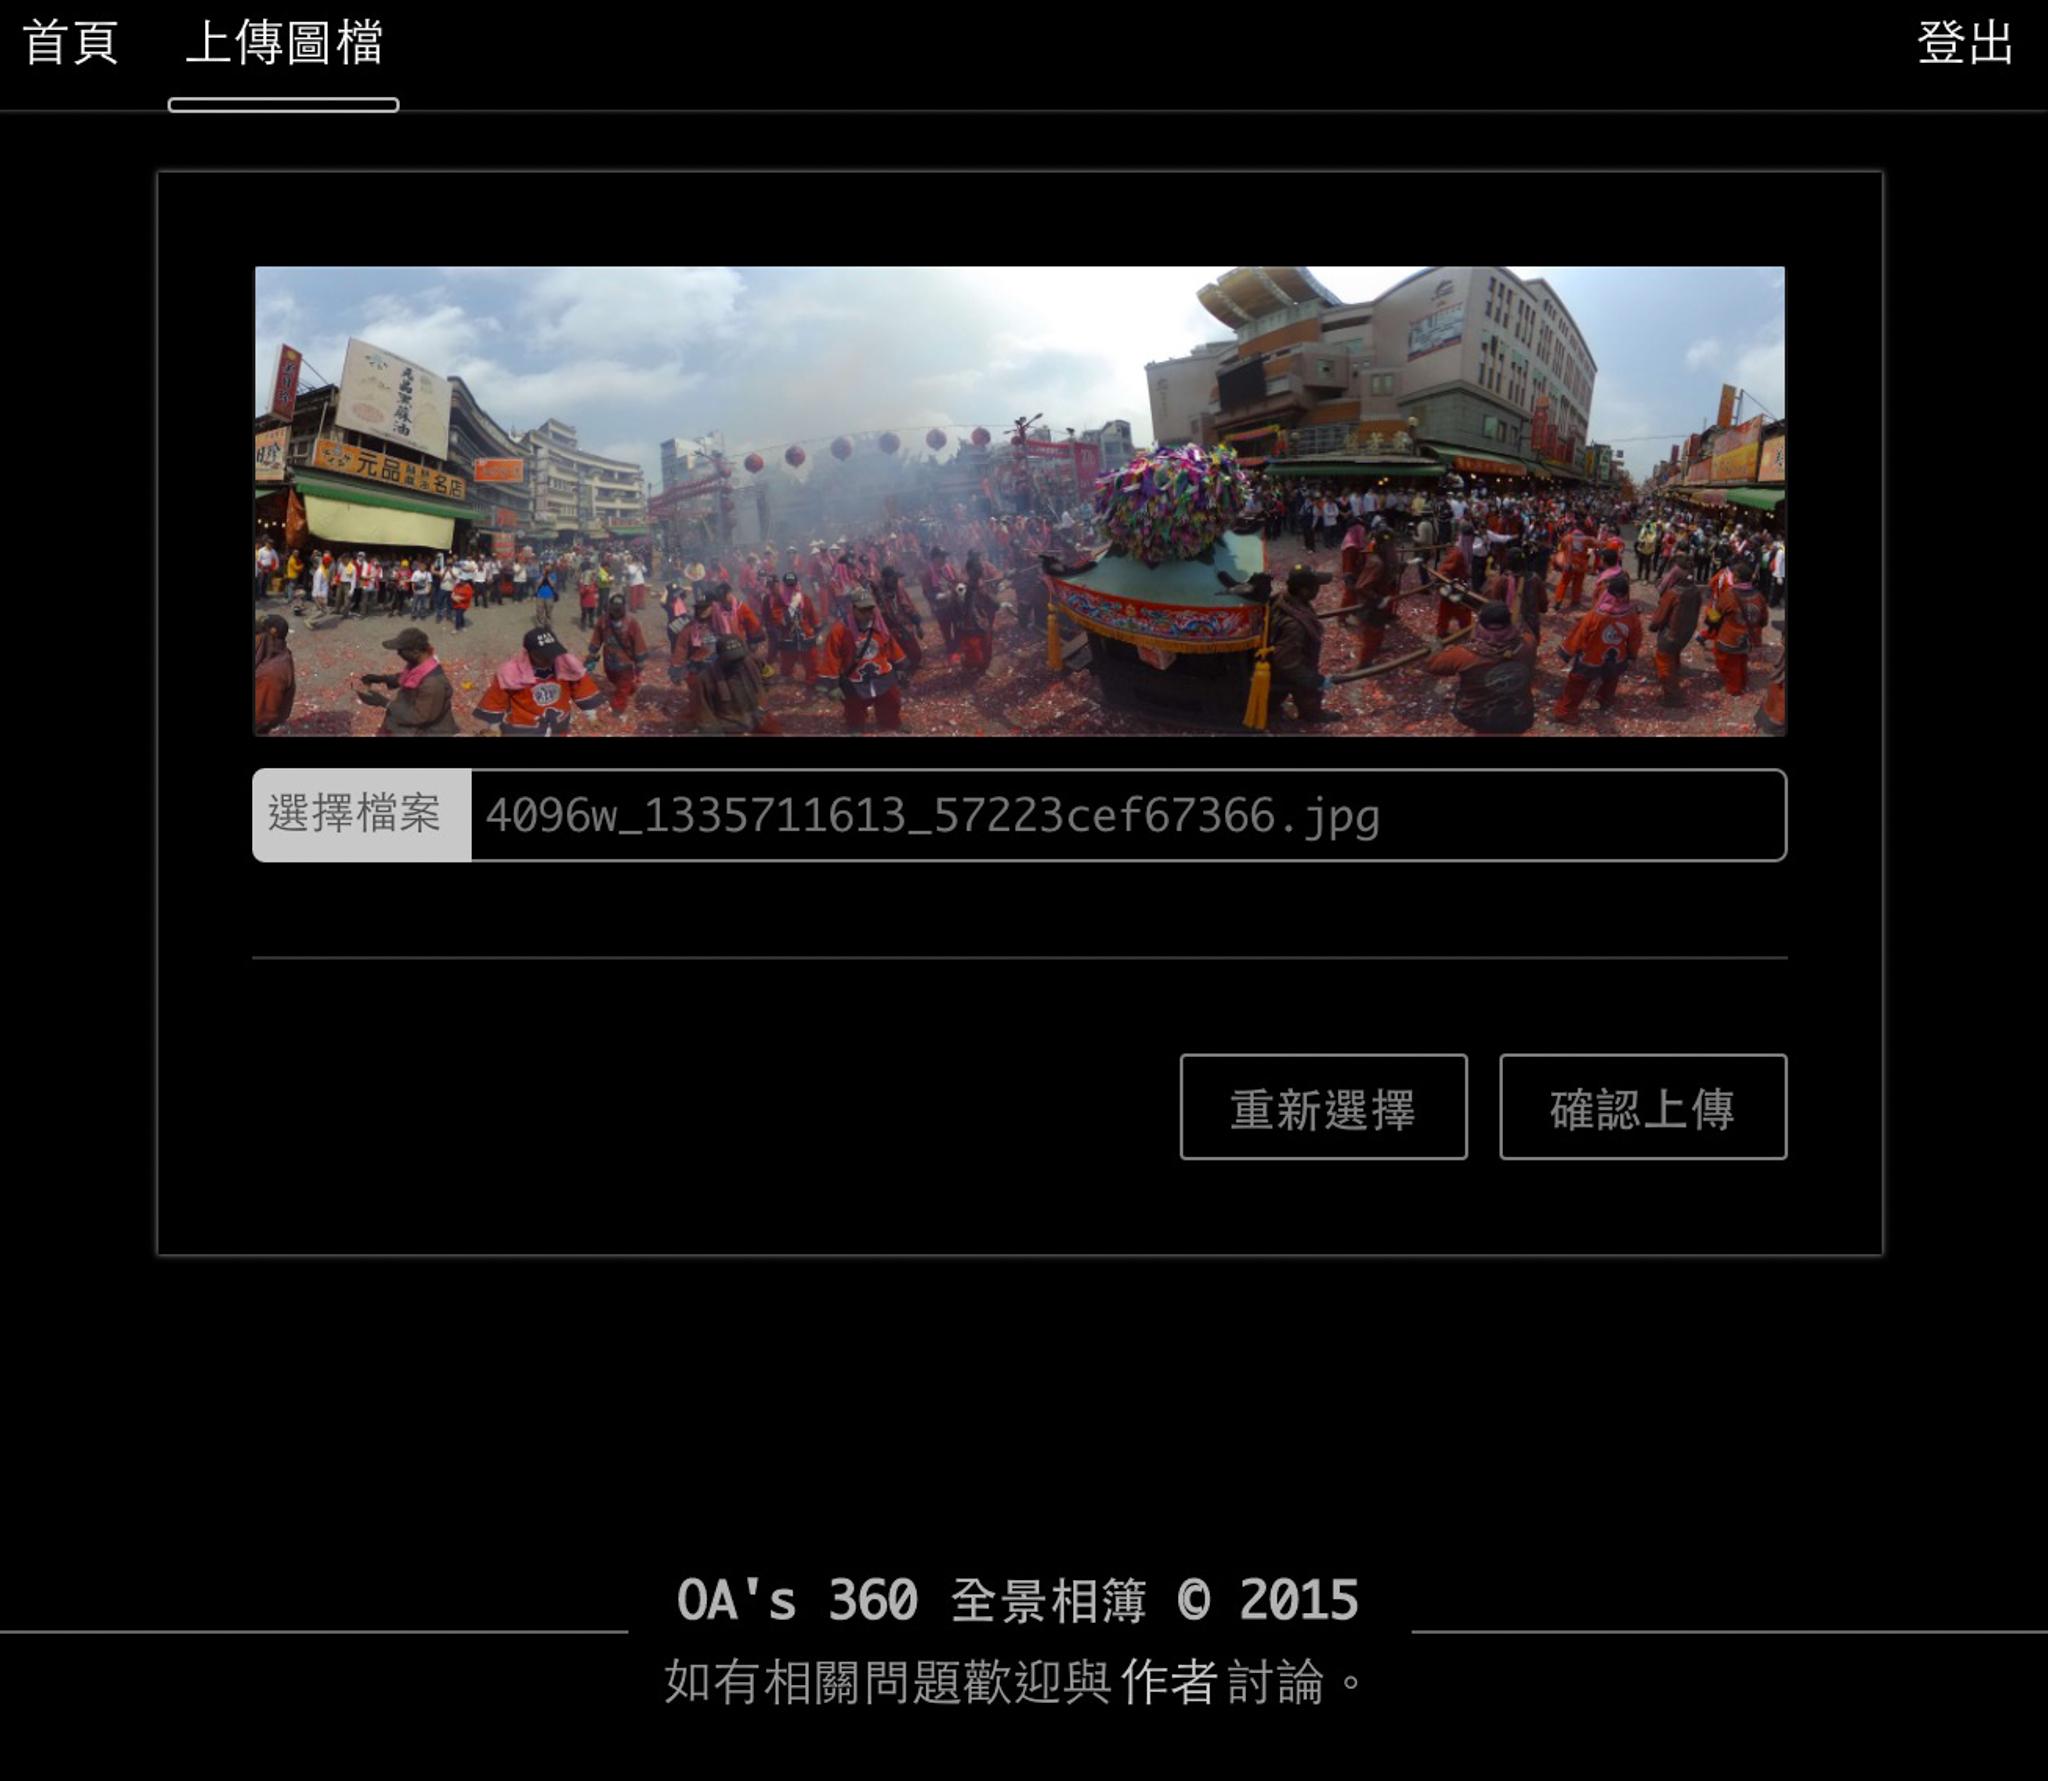 登入(目前尚未開放註冊)後,即可使用上傳功能,將 360 度相片上傳